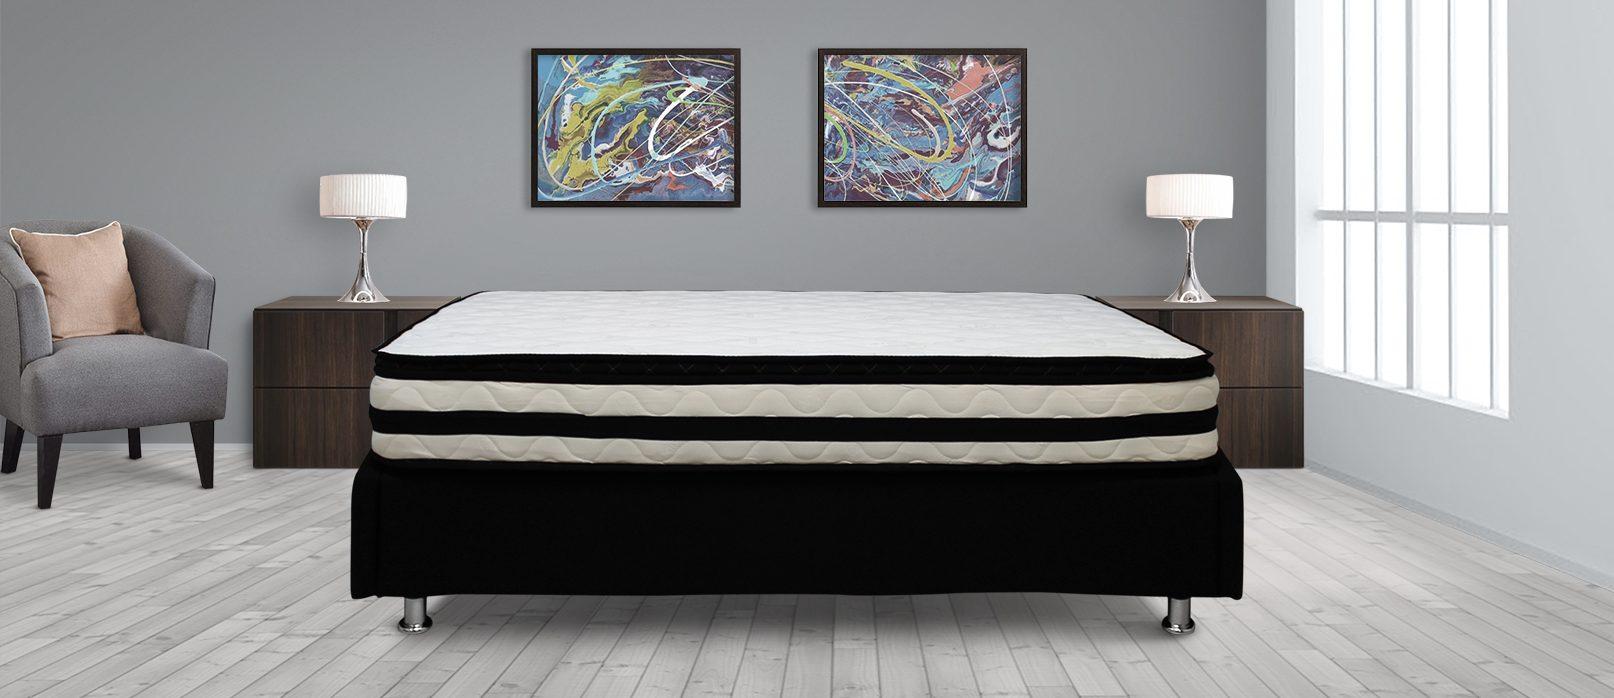 BOC Beds